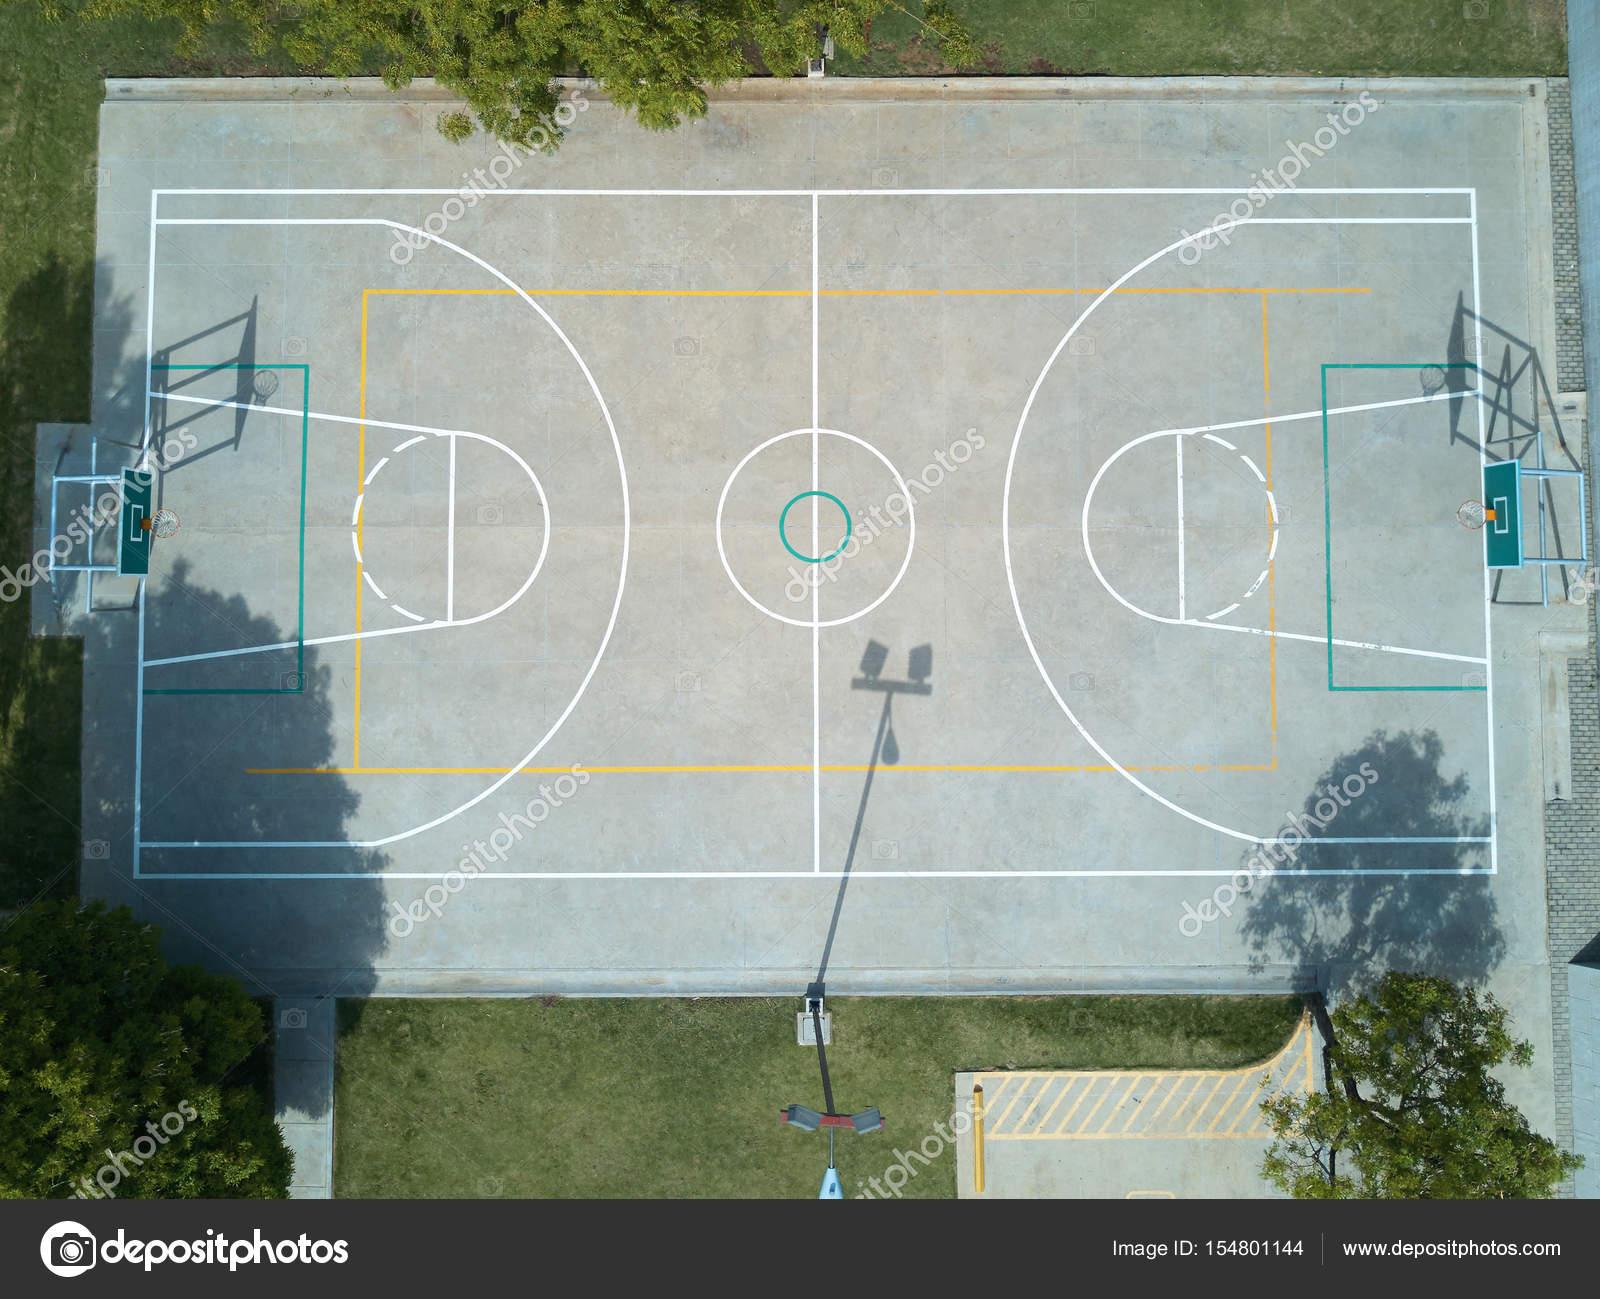 vue a rienne de terrain de basket ball photographie dimarik 154801144. Black Bedroom Furniture Sets. Home Design Ideas